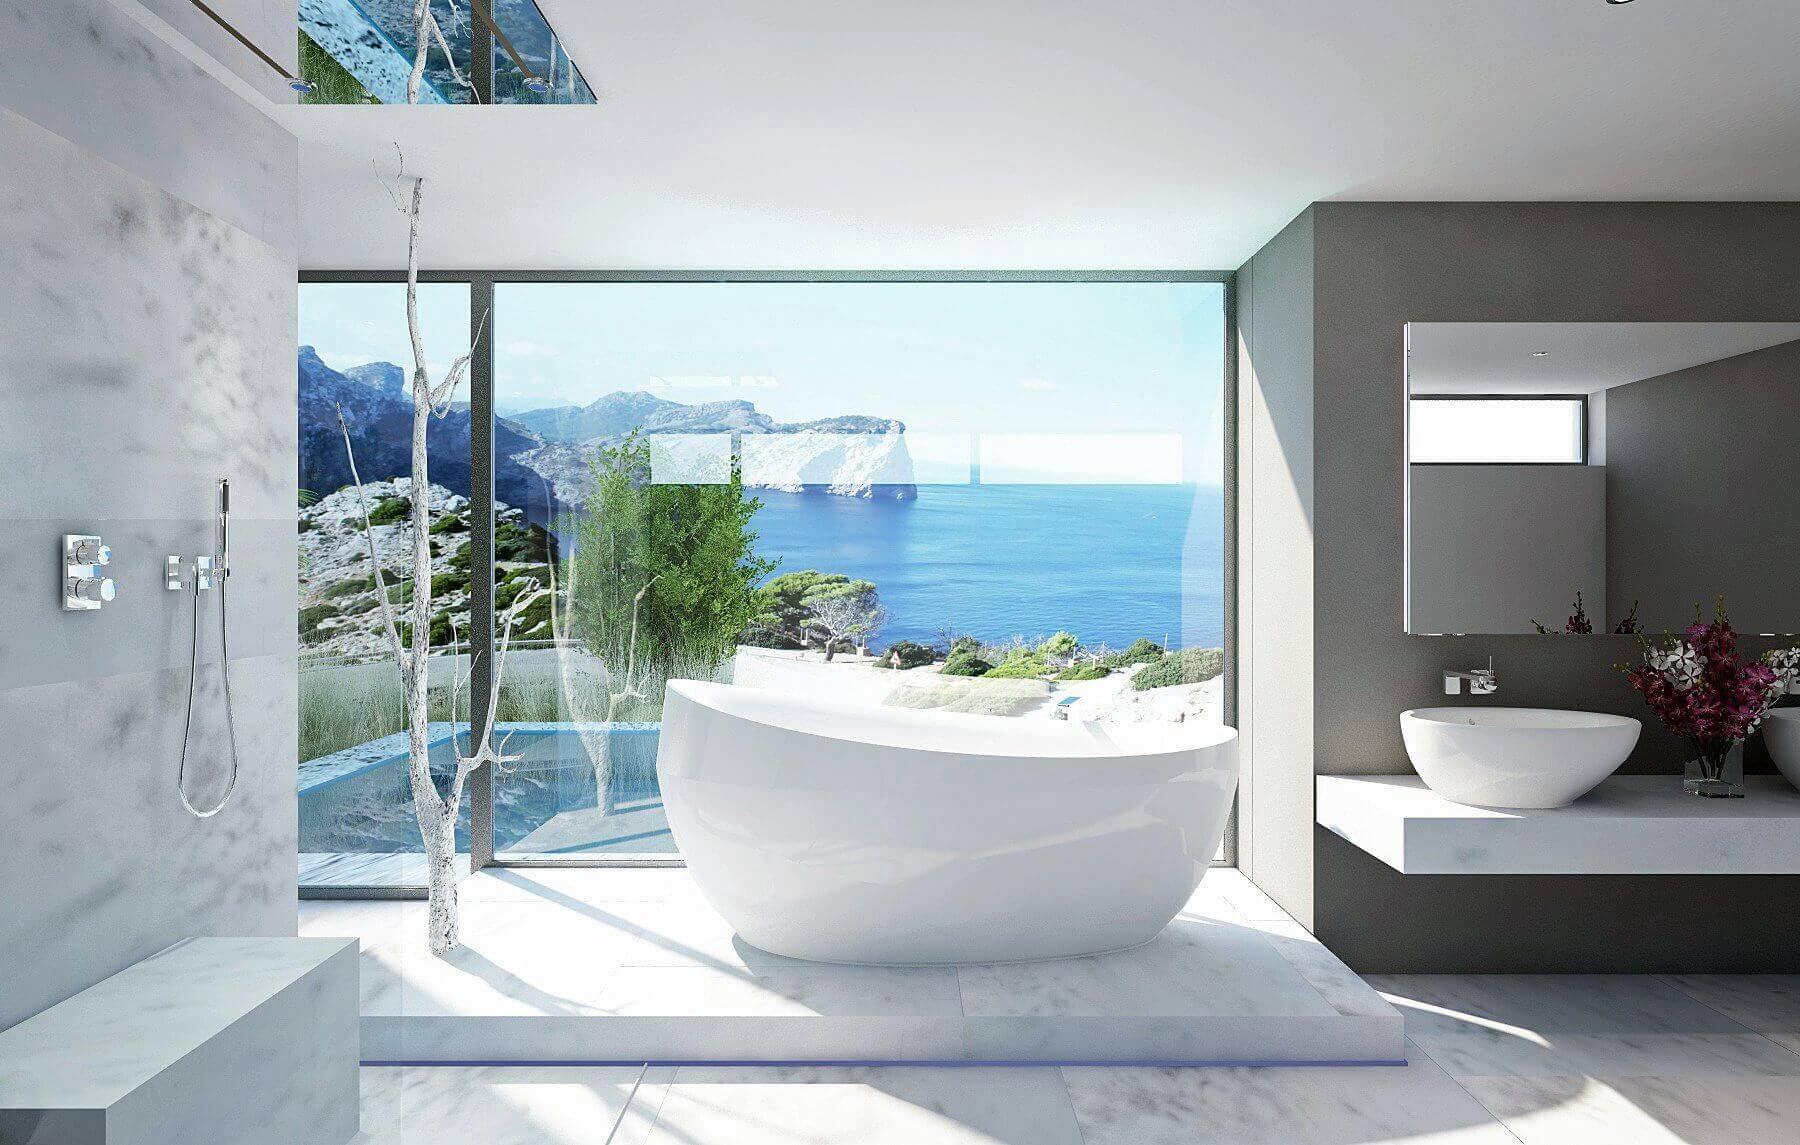 Badarchitektur Trends mit einem hochfeinem Weiß in der Badarchitektur